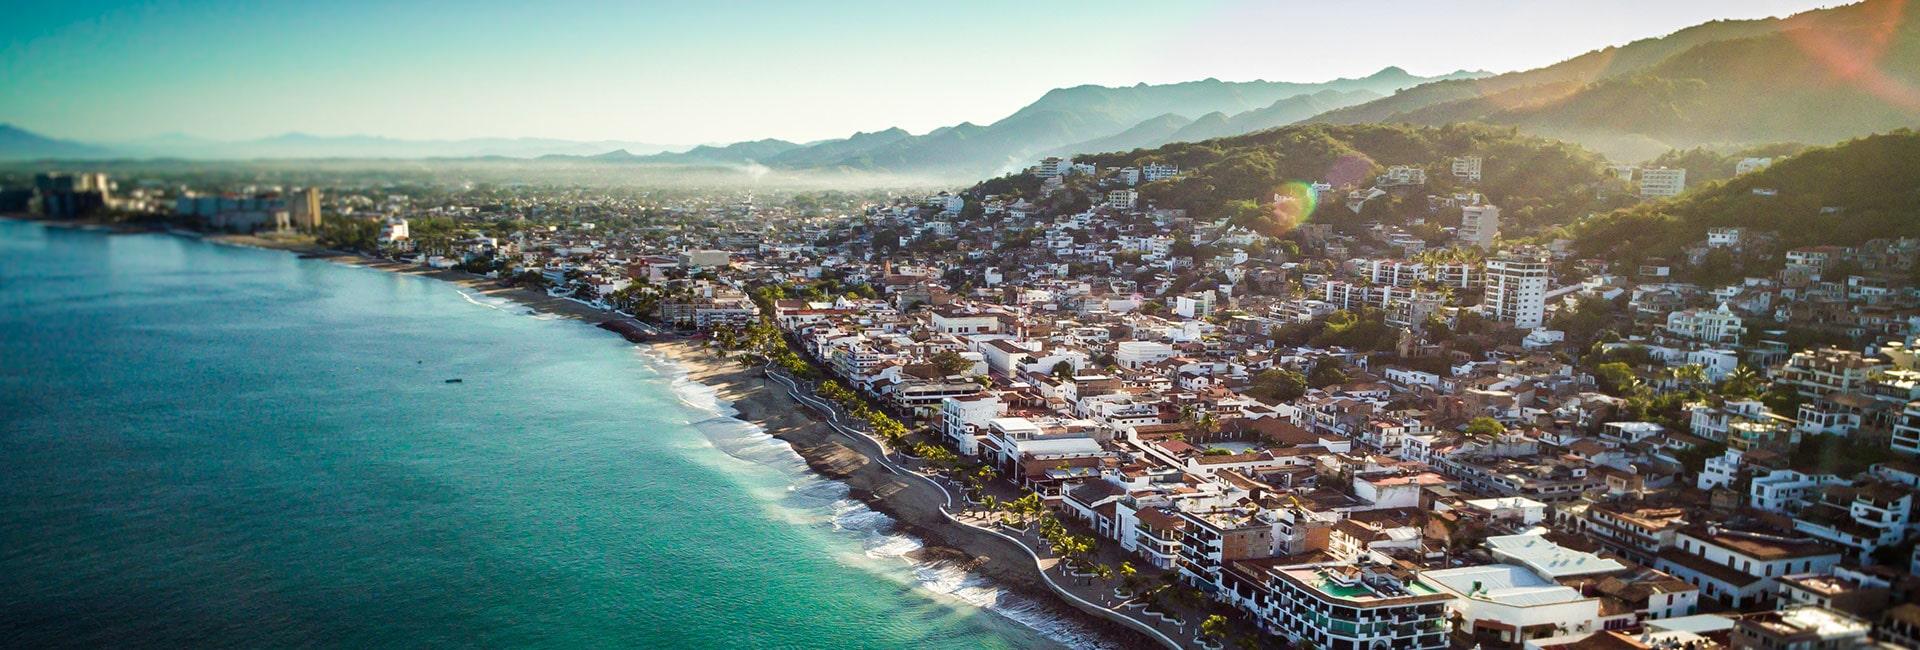 Puerto Vallarta Coronavirus News